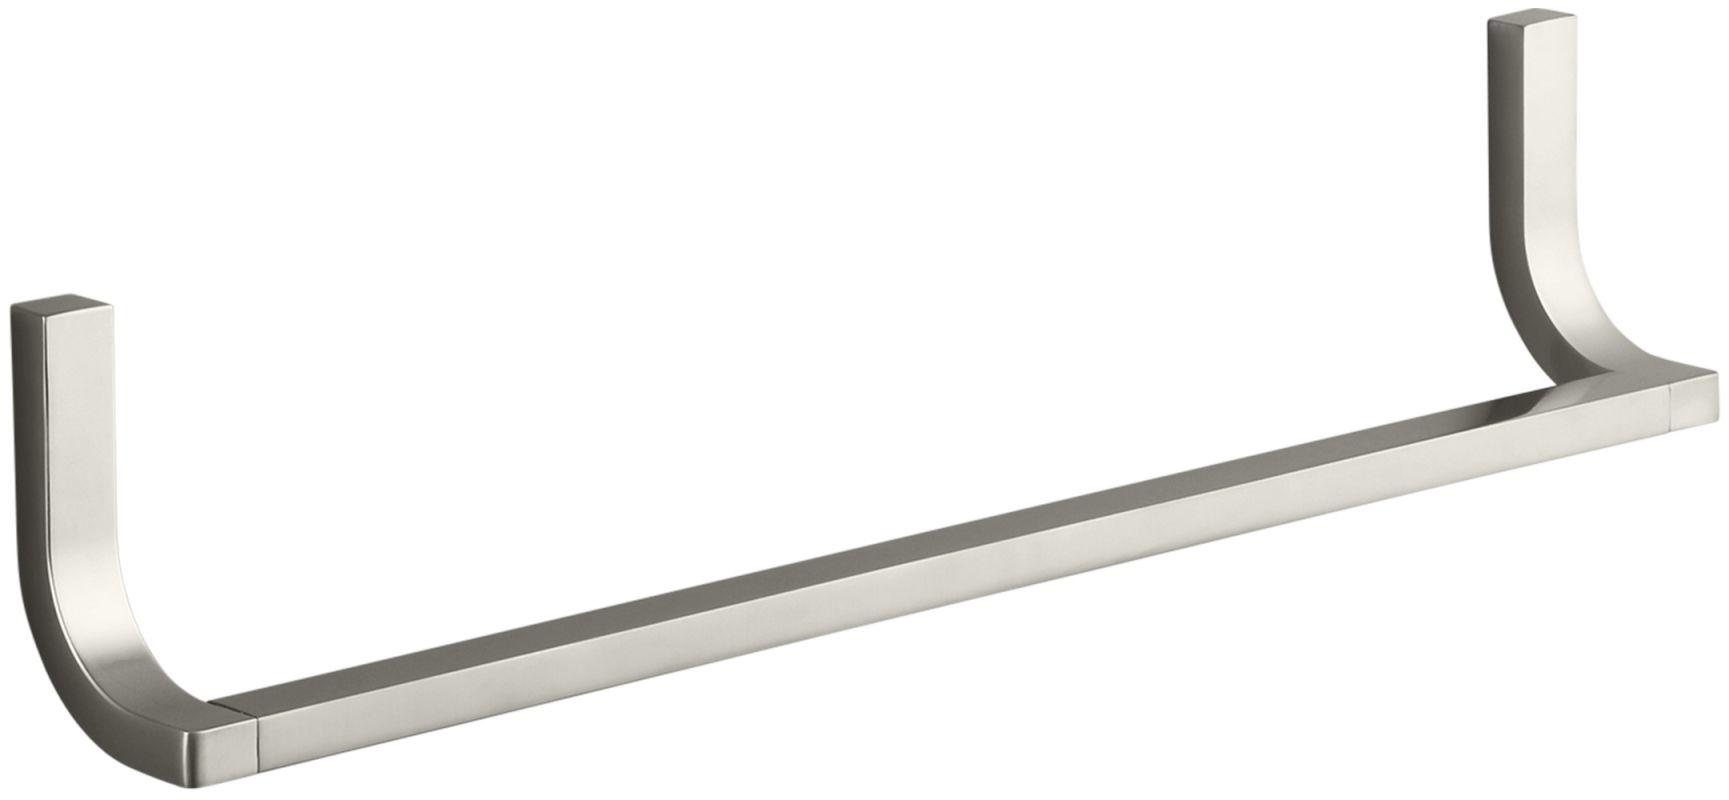 Kohler Pedestal Sink Towel Bar : Kohler K-11580-BN Brushed Nickel Loure 18